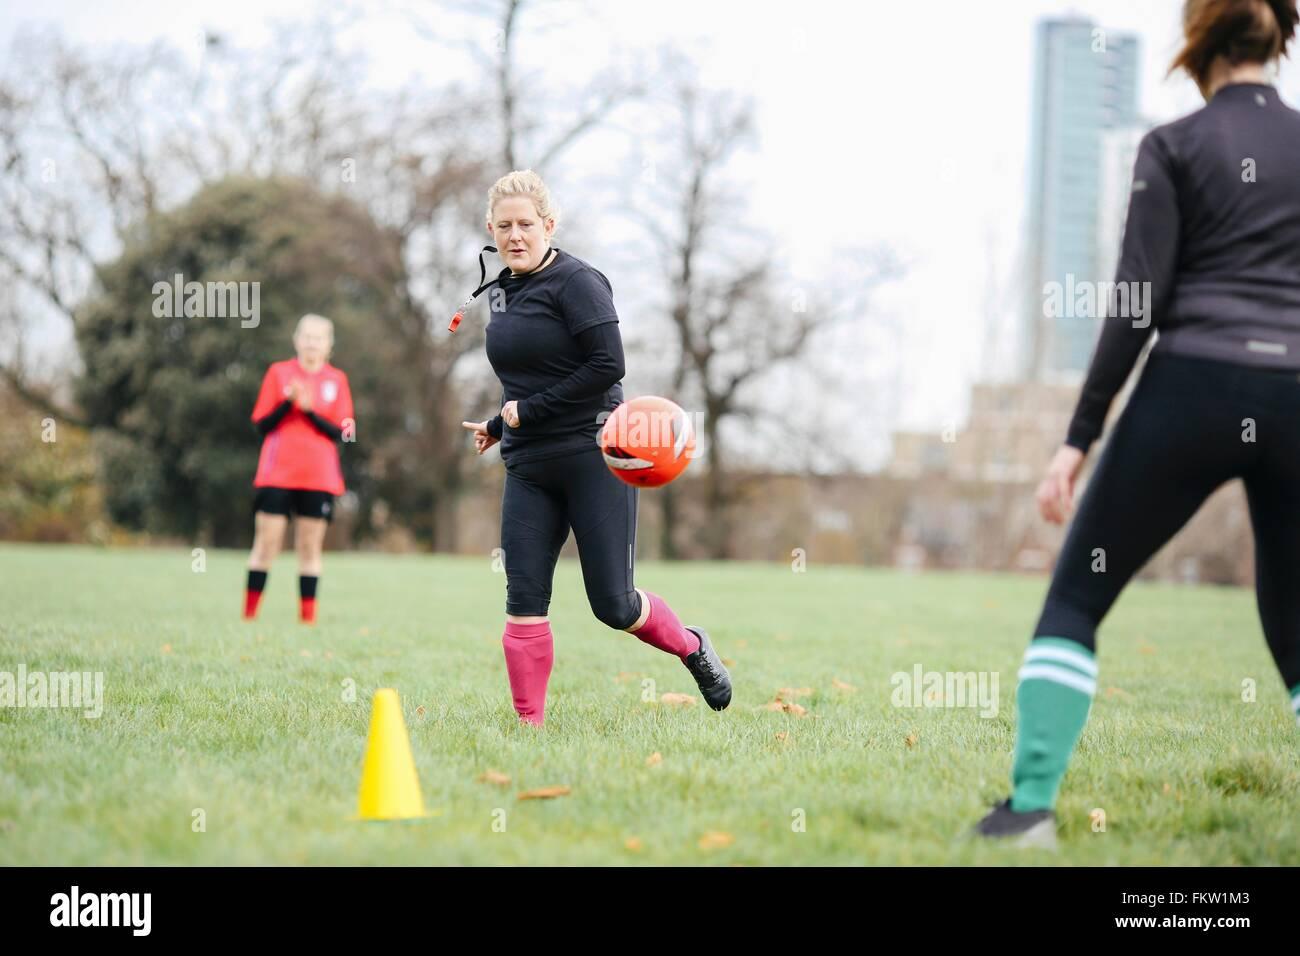 Femmina di giocatori di calcio avente la pratica del calcio in posizione di parcheggio Immagini Stock